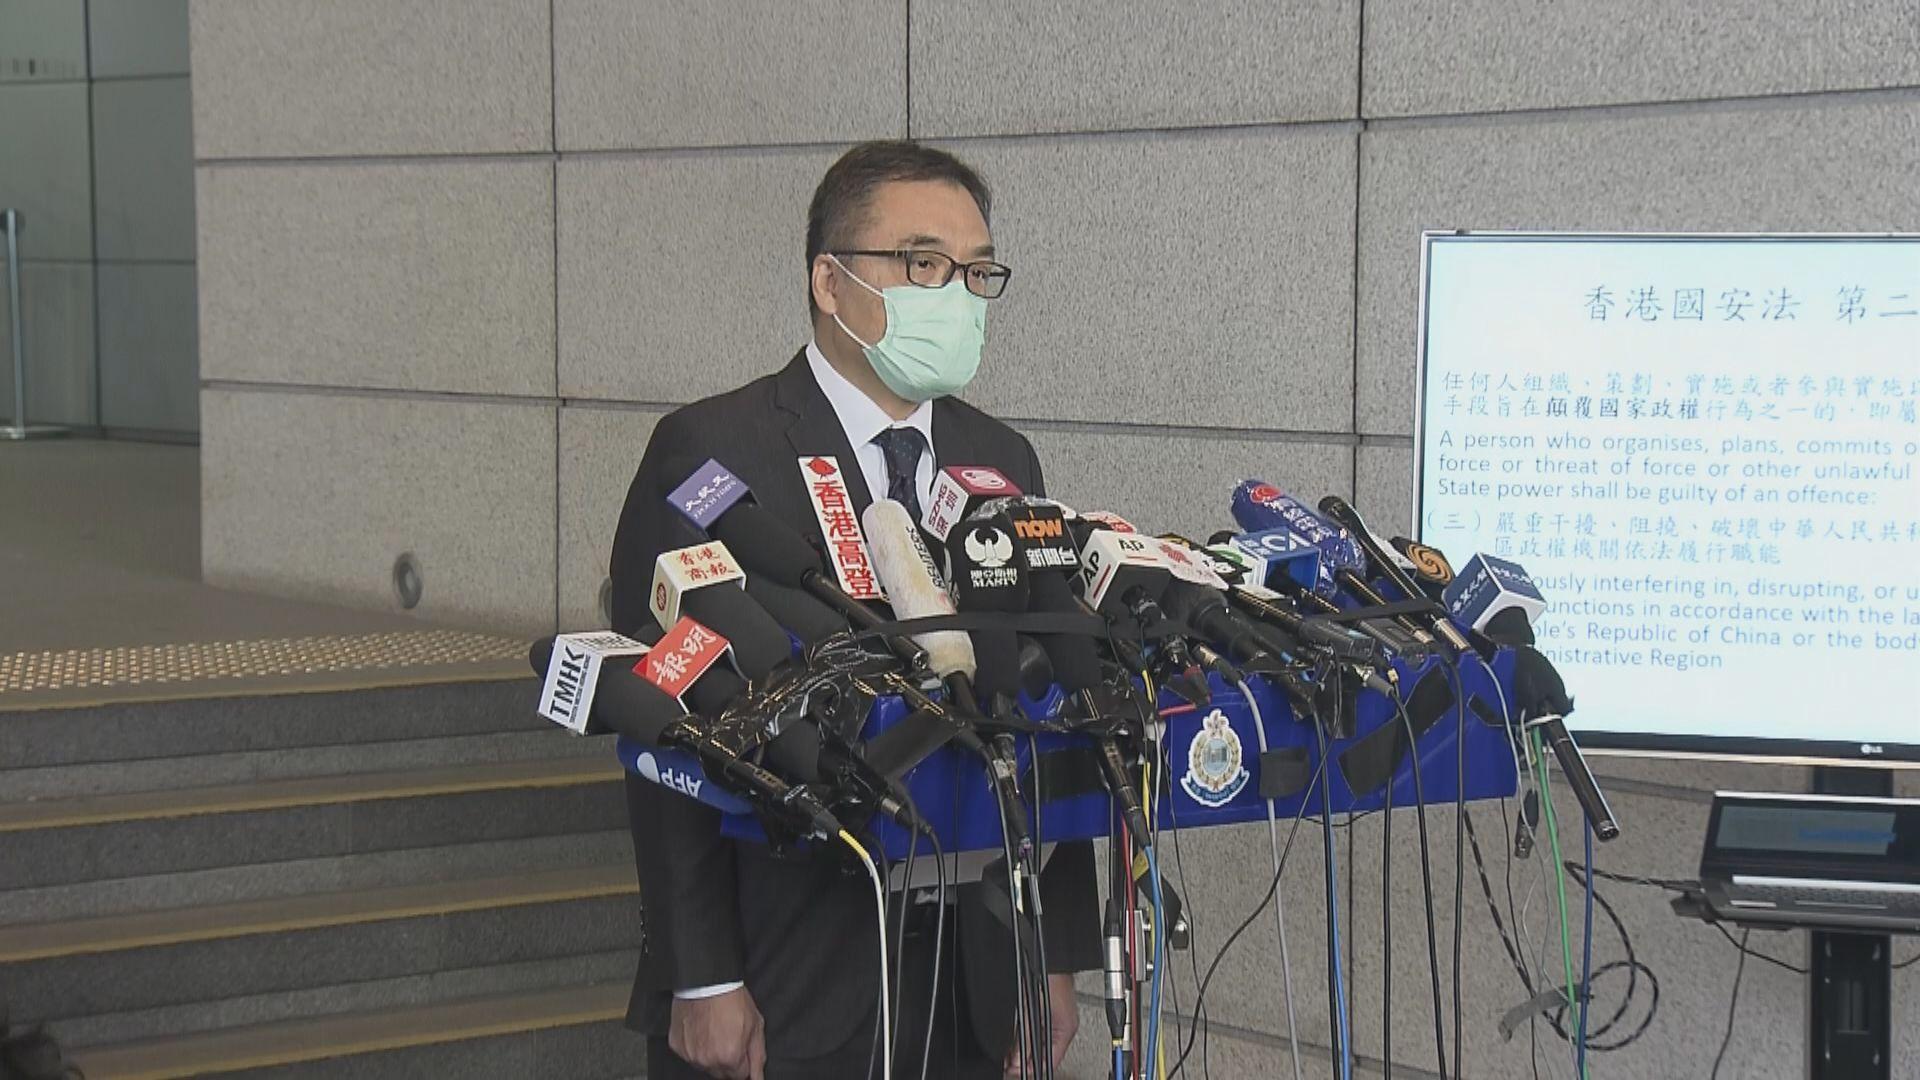 涉組織參與初選違國安法 警方共拘53人並凍結約160萬元